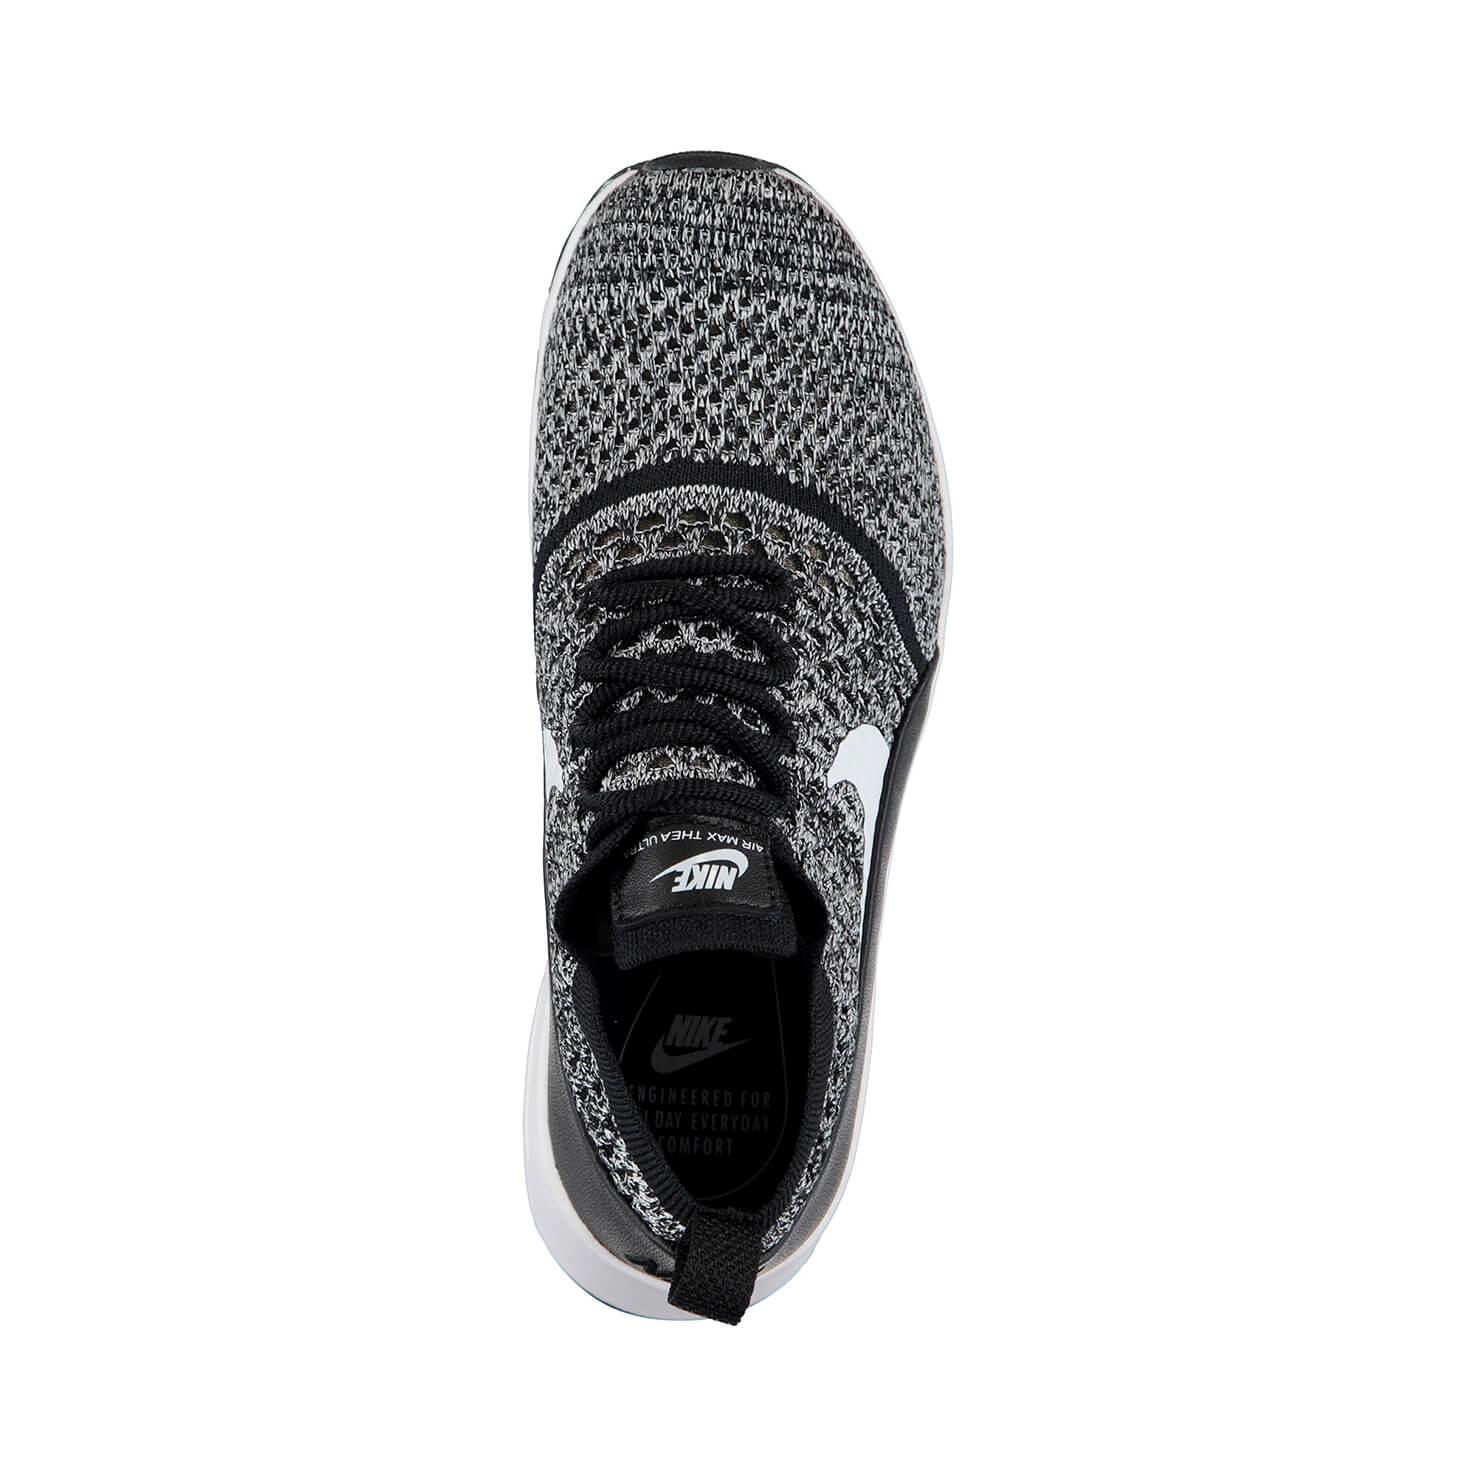 Nike Air Max Thea Ultra Kadın Siyah Spor Ayakkabı